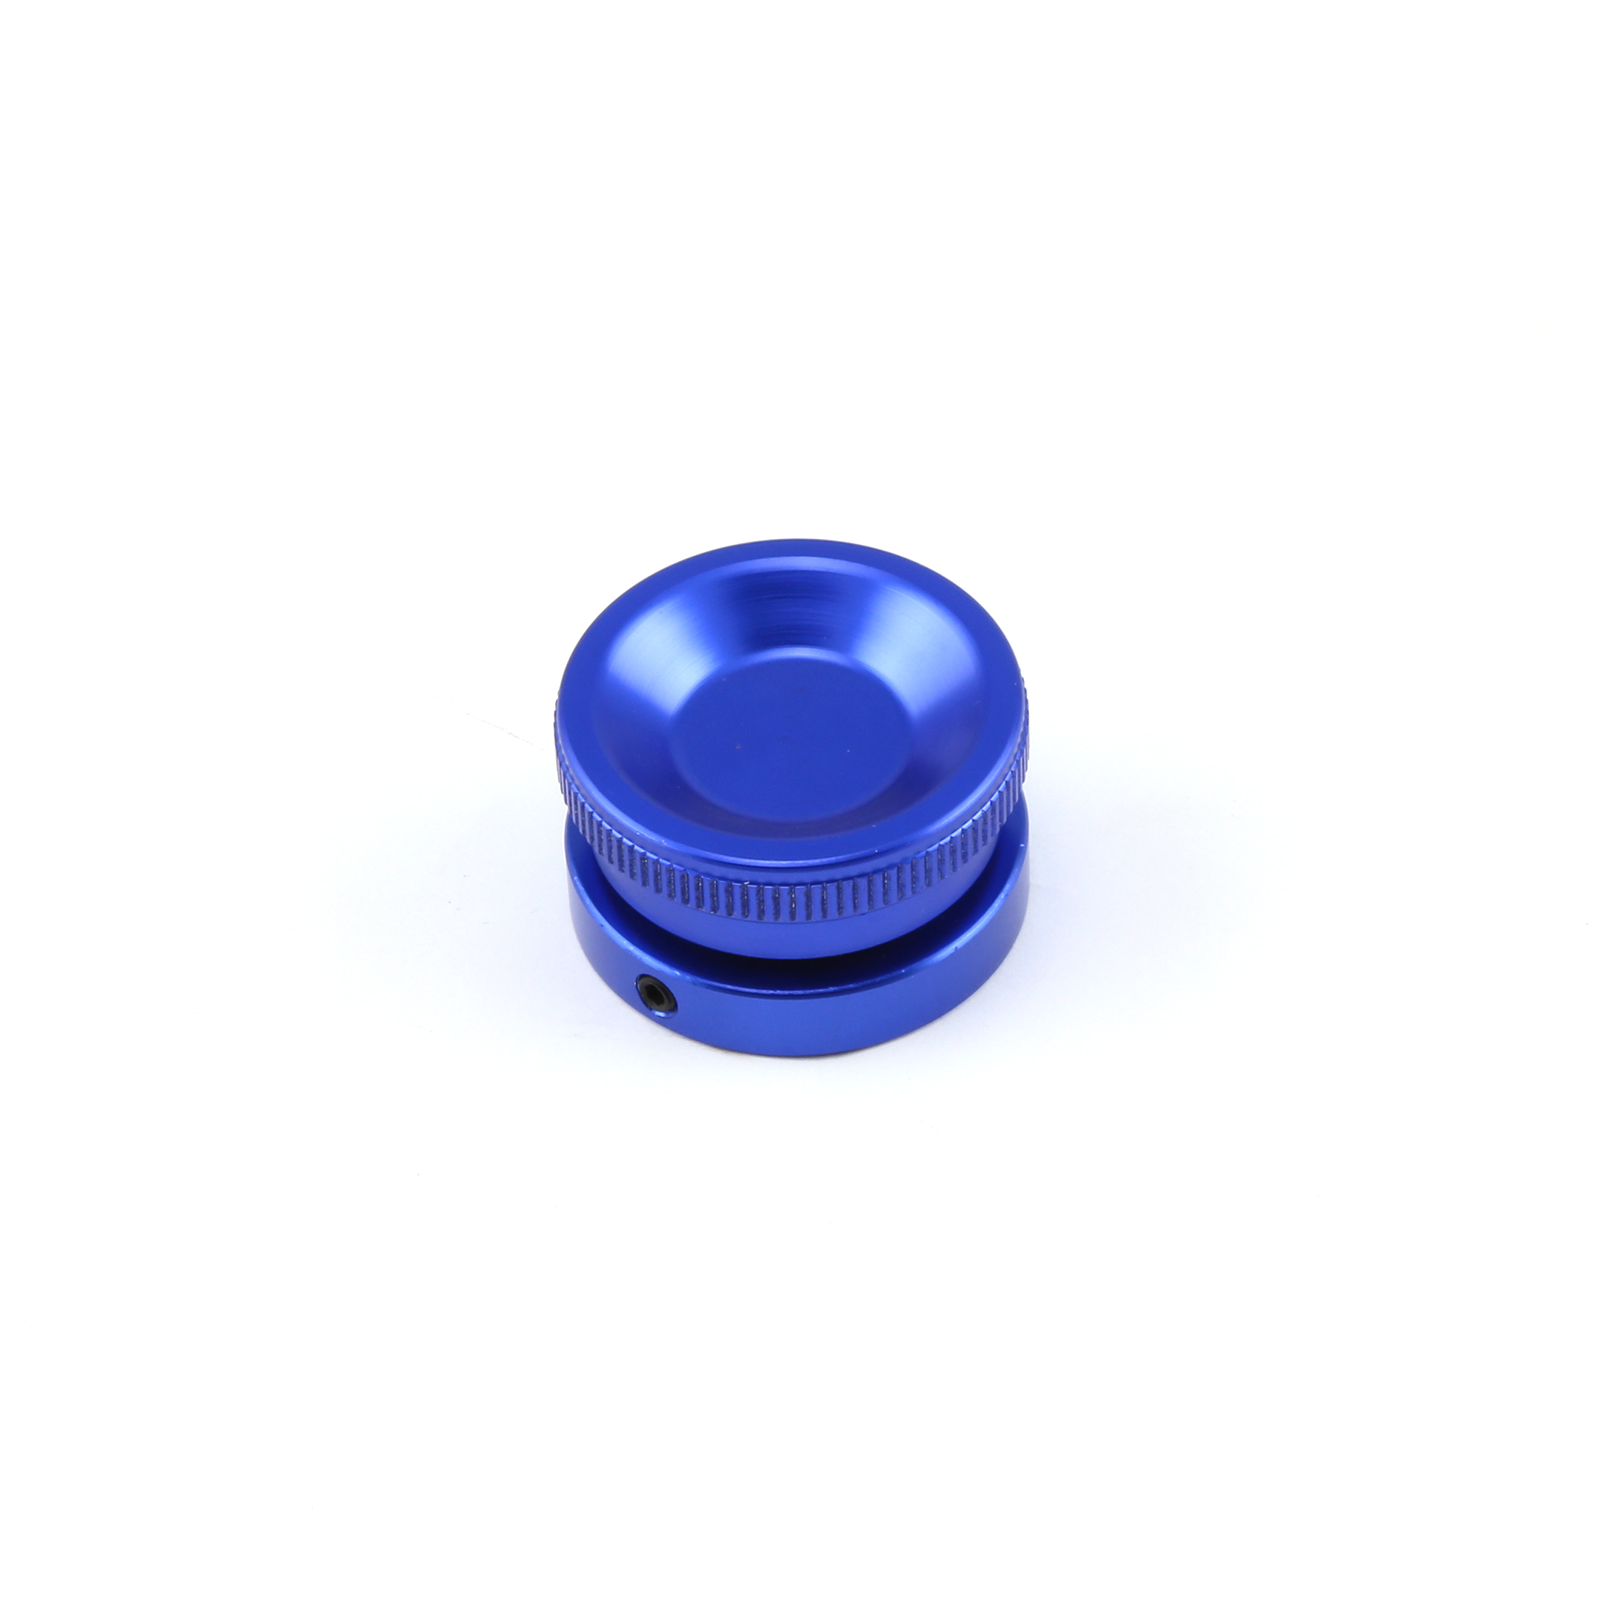 Billet Aluminum Screw-in Valve Cover Oil Filler Cap Kit - Blue Anodized